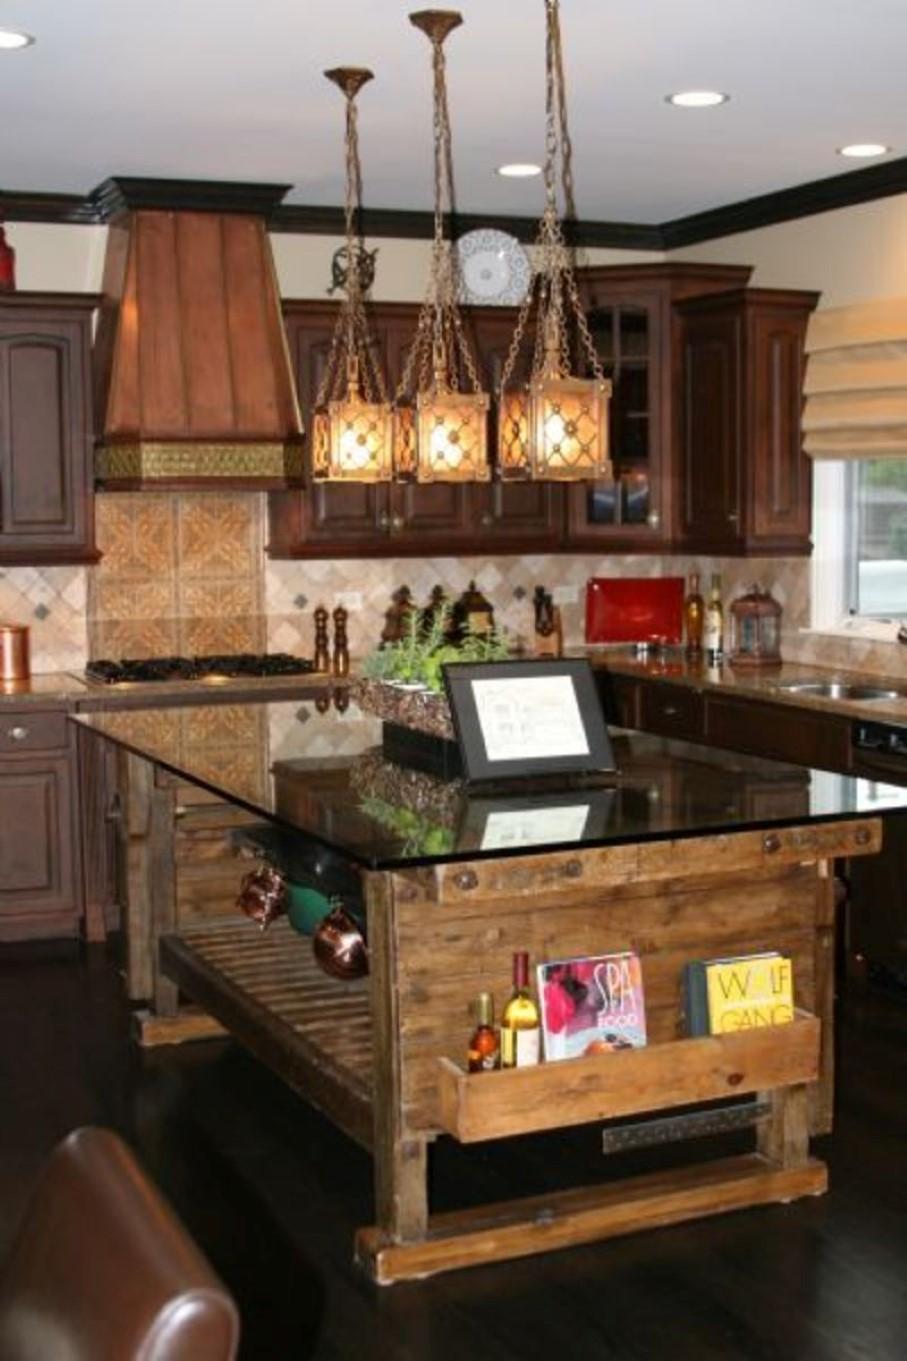 Modern Kitchen Design Home Interior Ideas: Mid Century Modern Kitchen Cabinet Shows Elegant